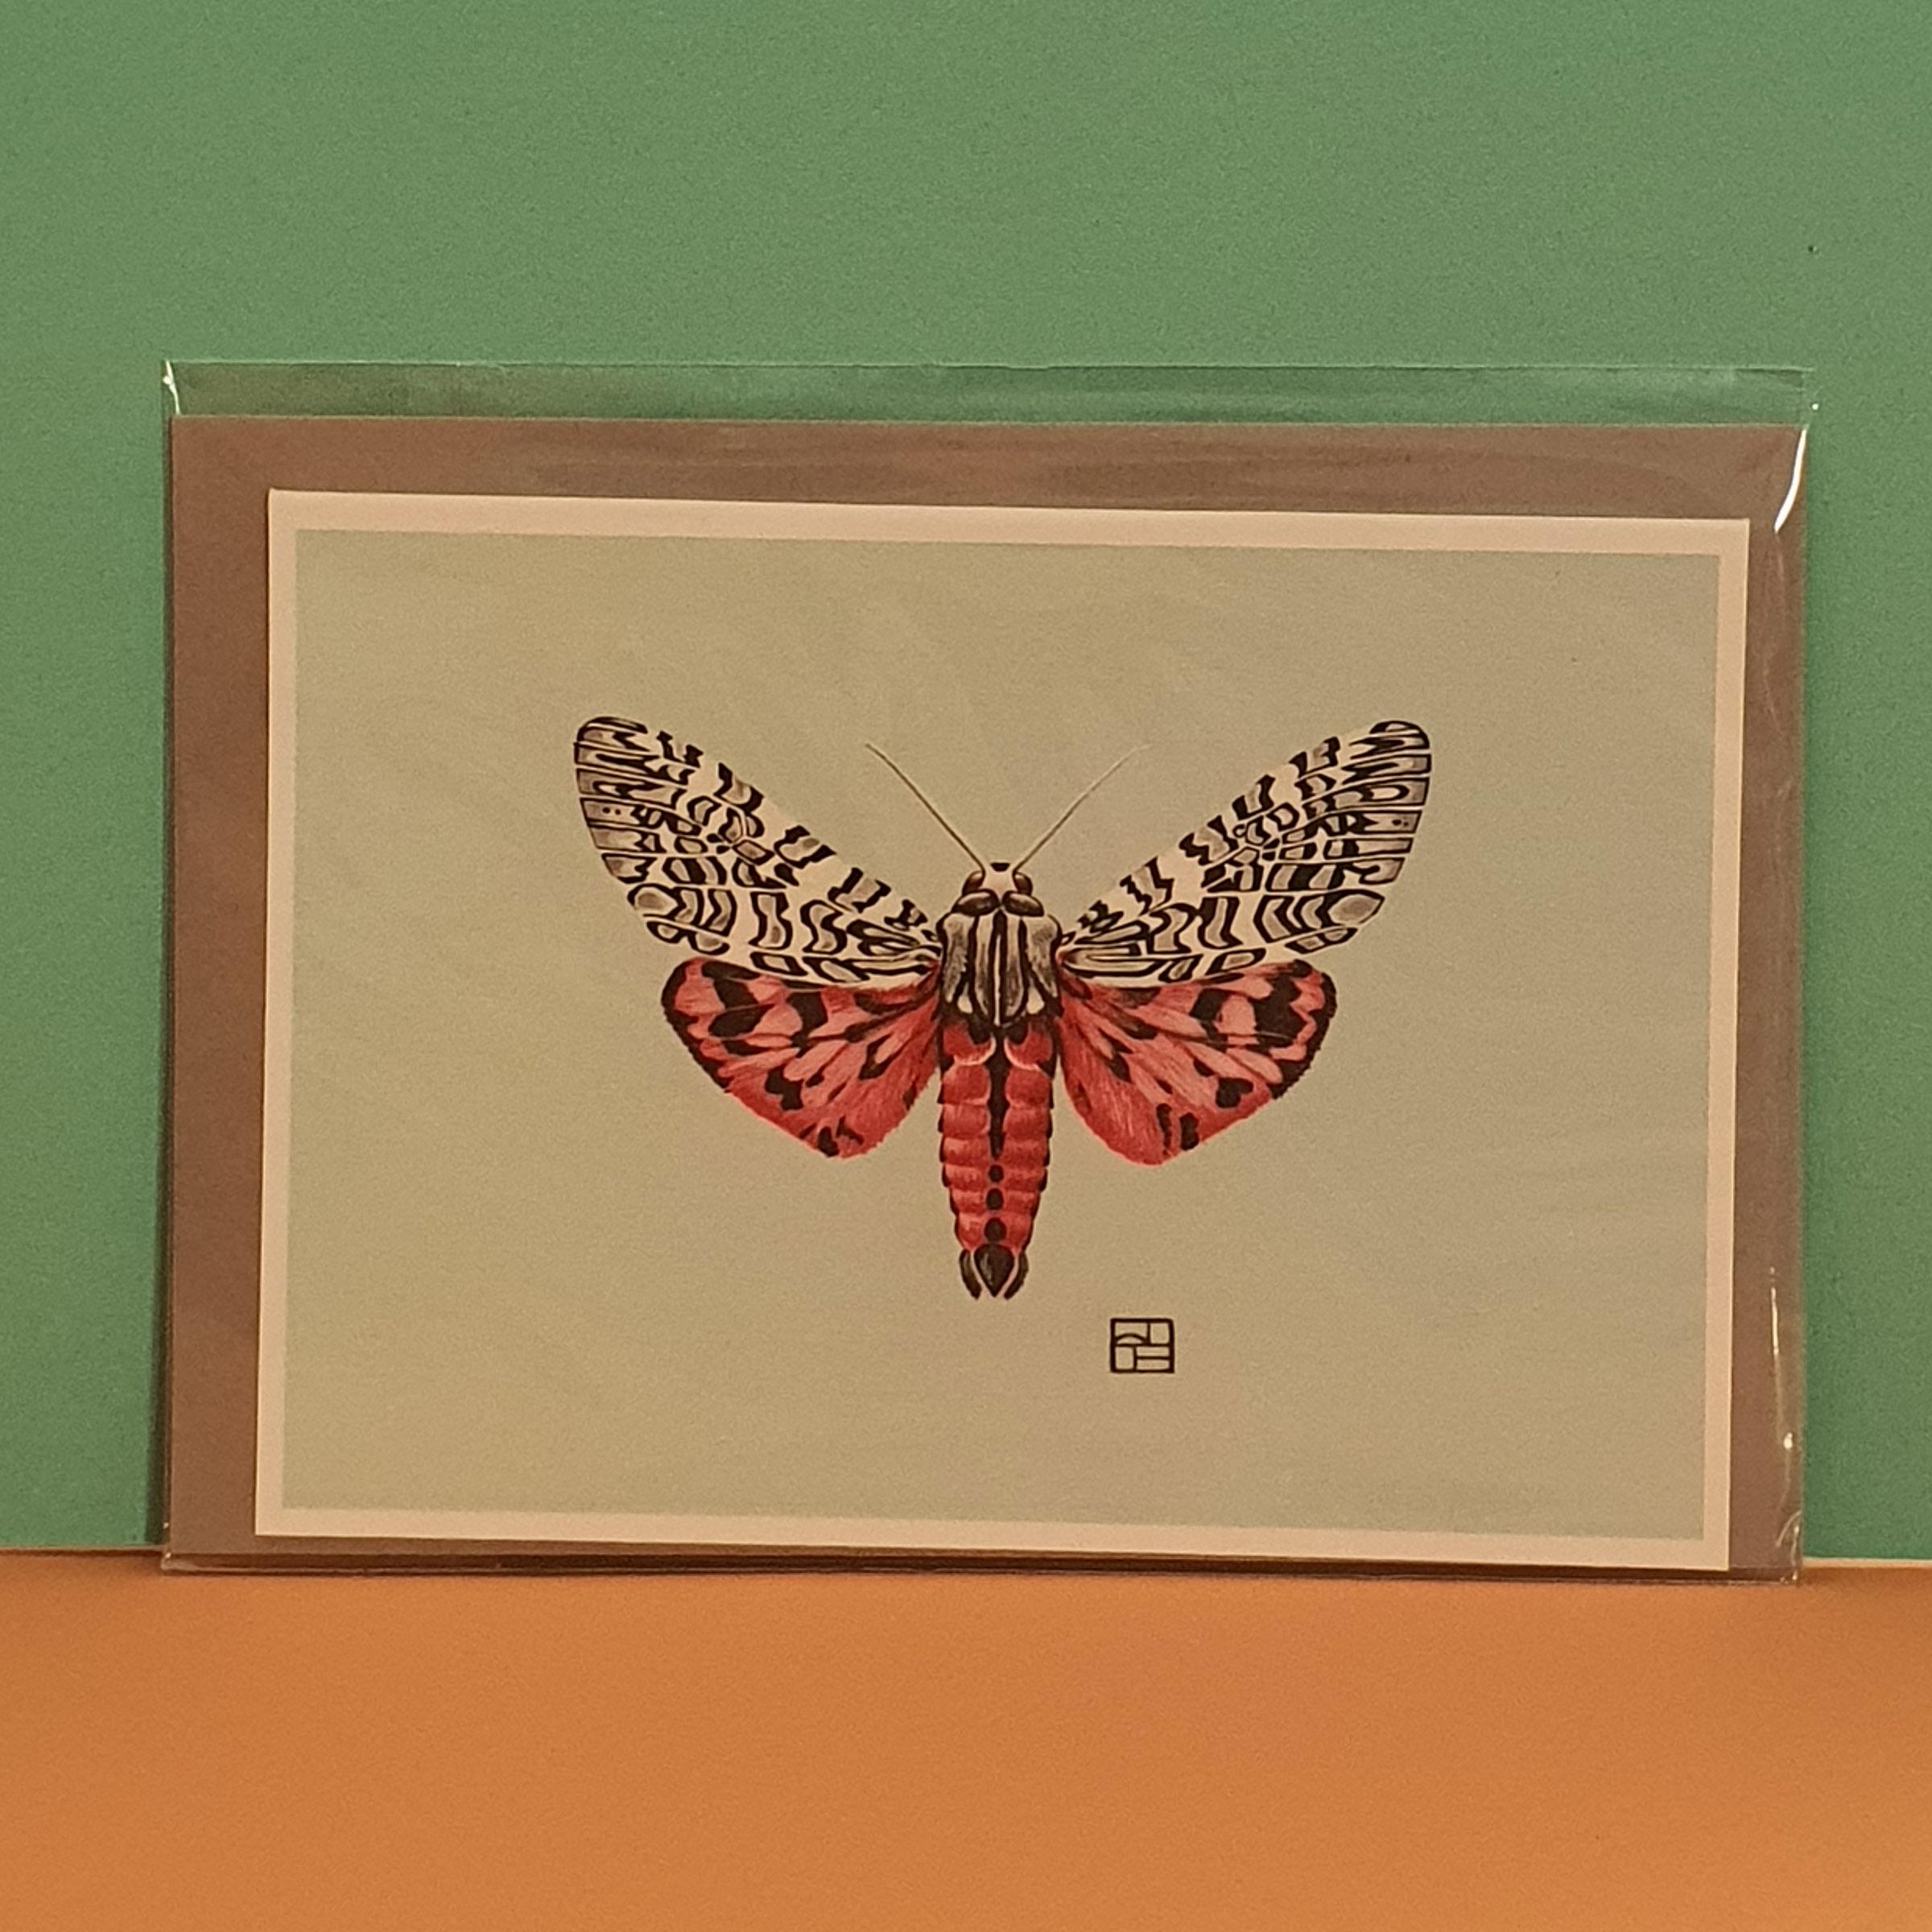 Arachnis  picta - gemalte Tigermotte